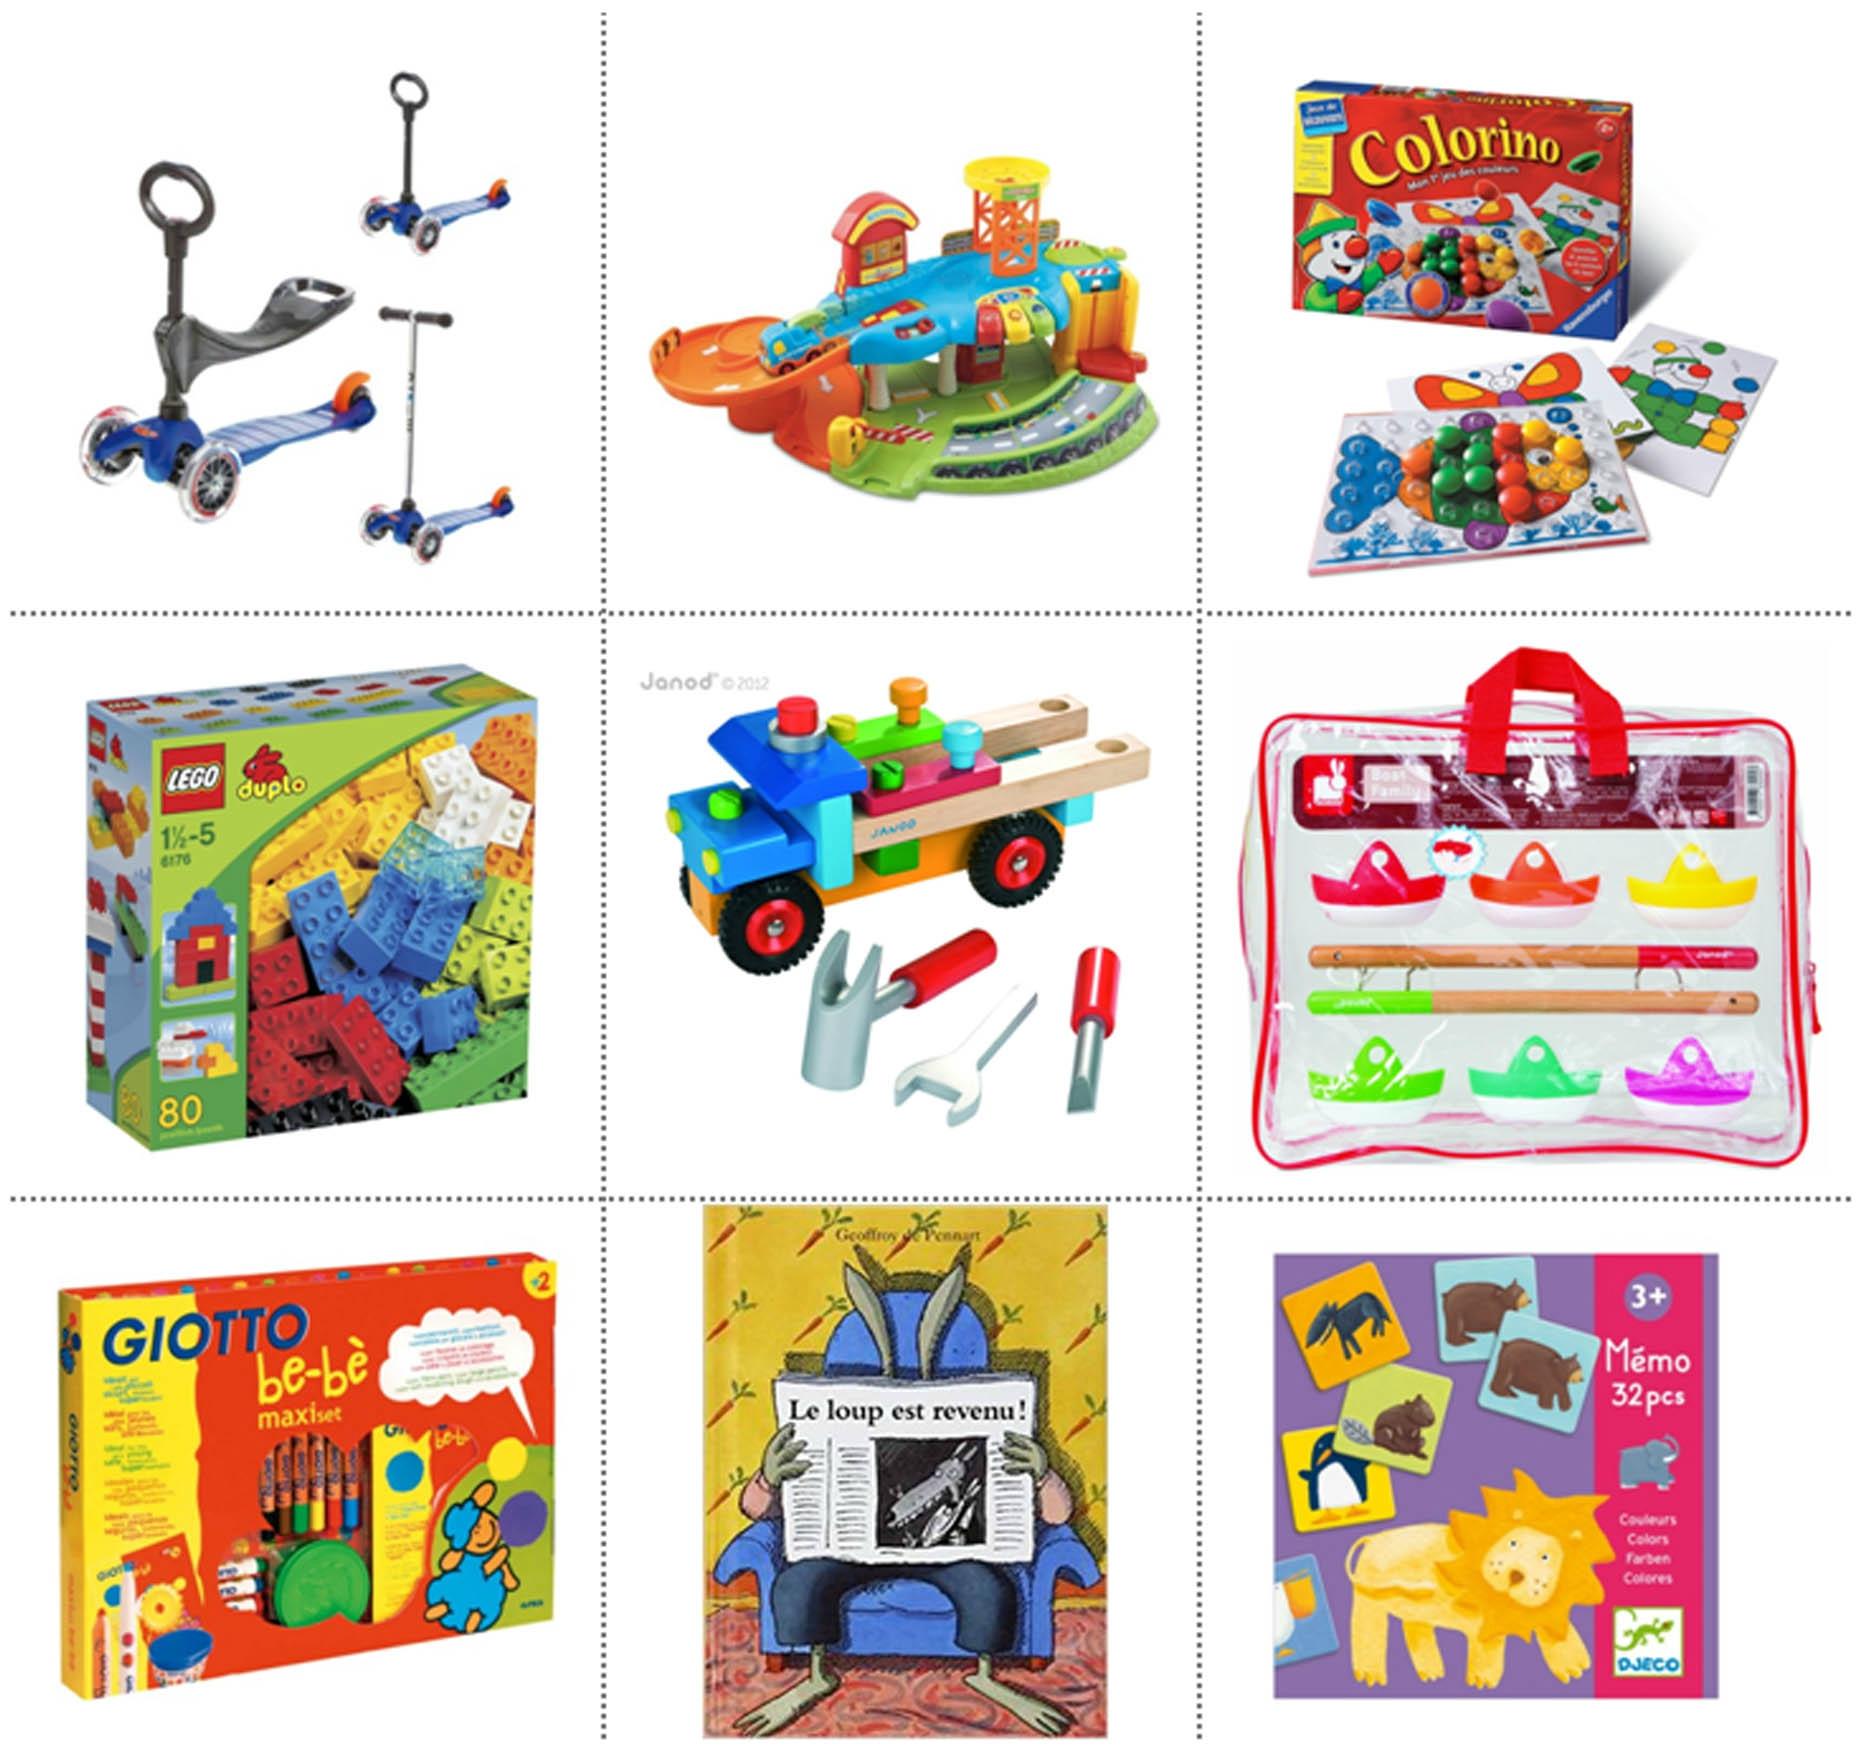 Ma Sélection De Cadeaux Pour Enfants De 2 Ans - La Page De pour Jouet 2 Ans Garçon